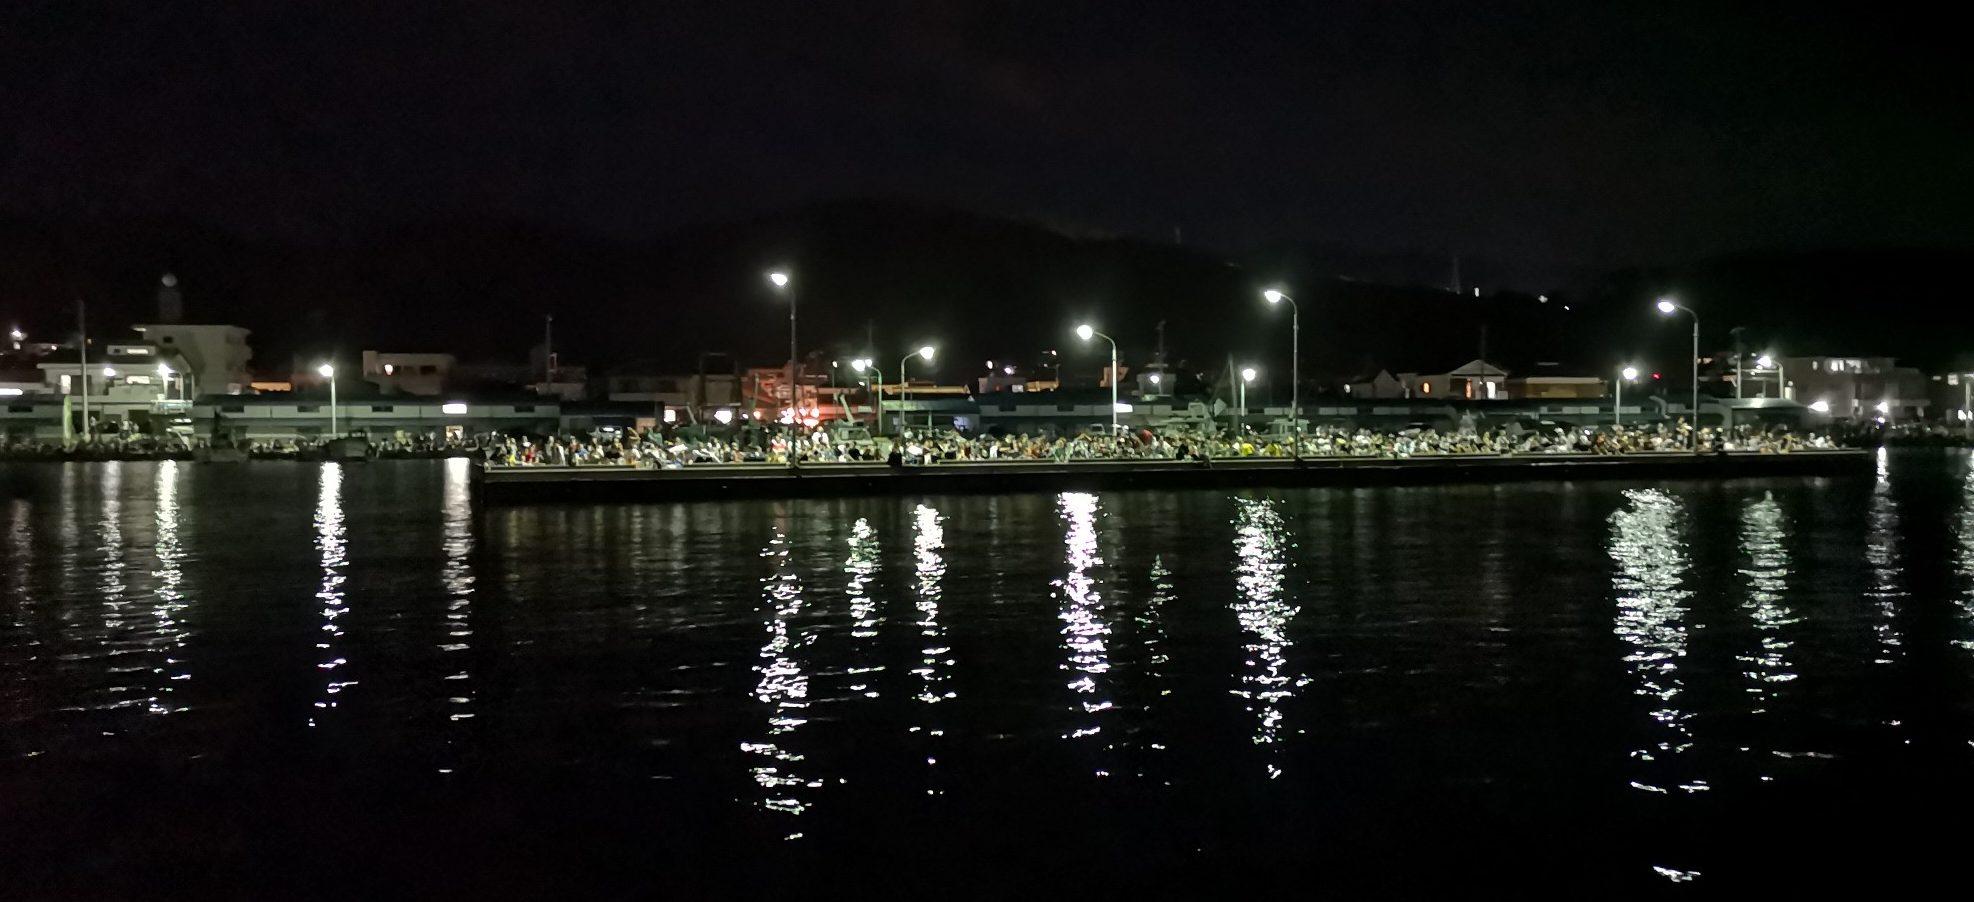 福良湾海上花火大会の堤防内側